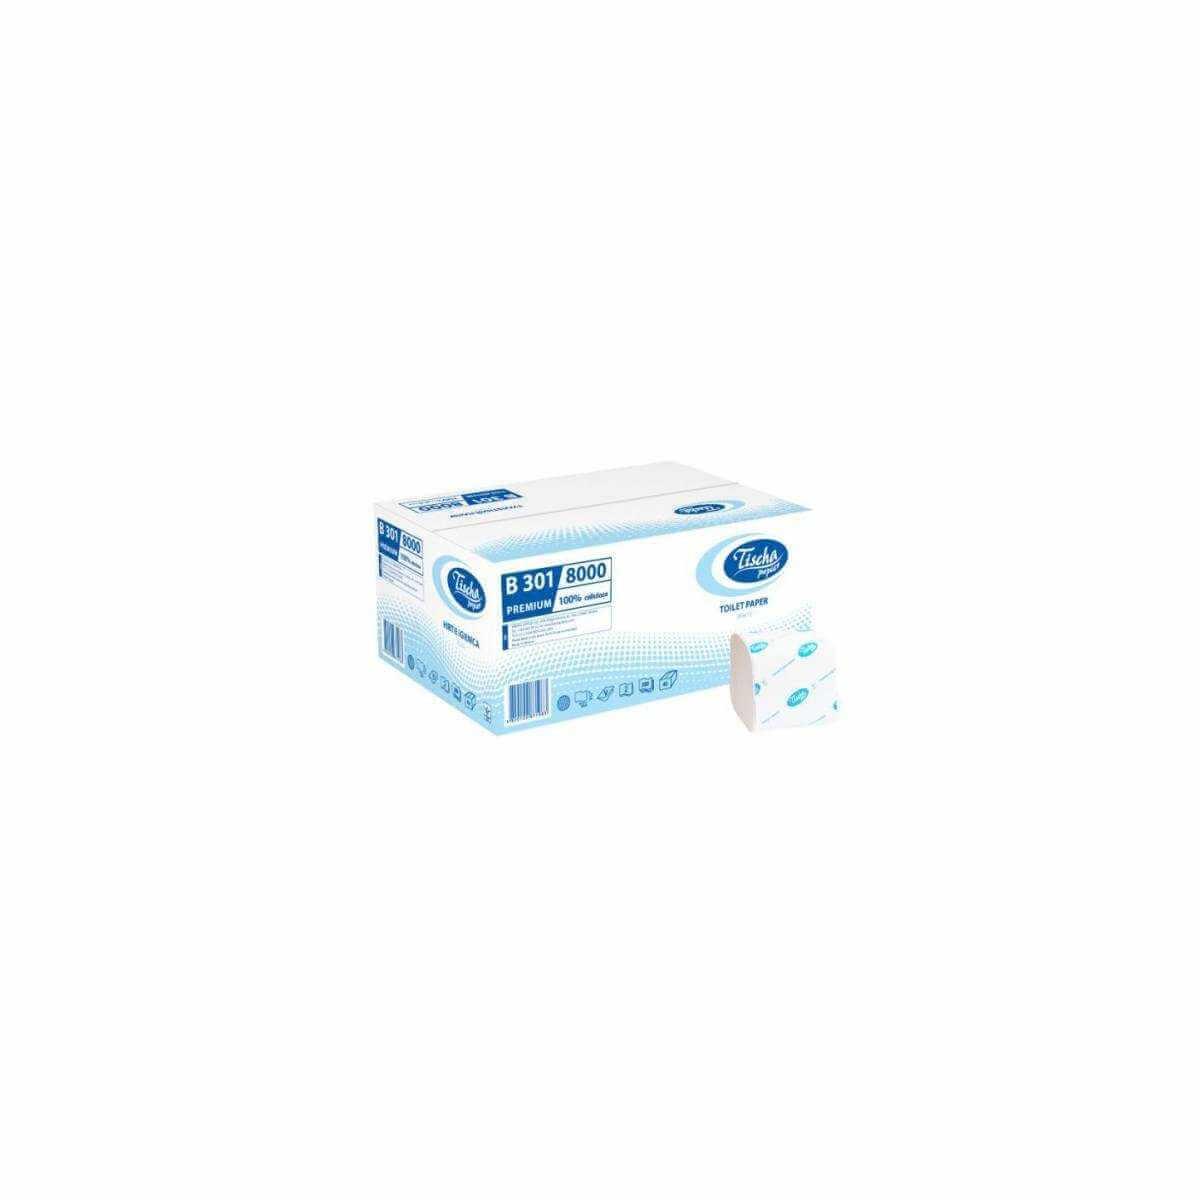 Туалетная бумага в пачке BASIC (B301) B301 Tischa Papier